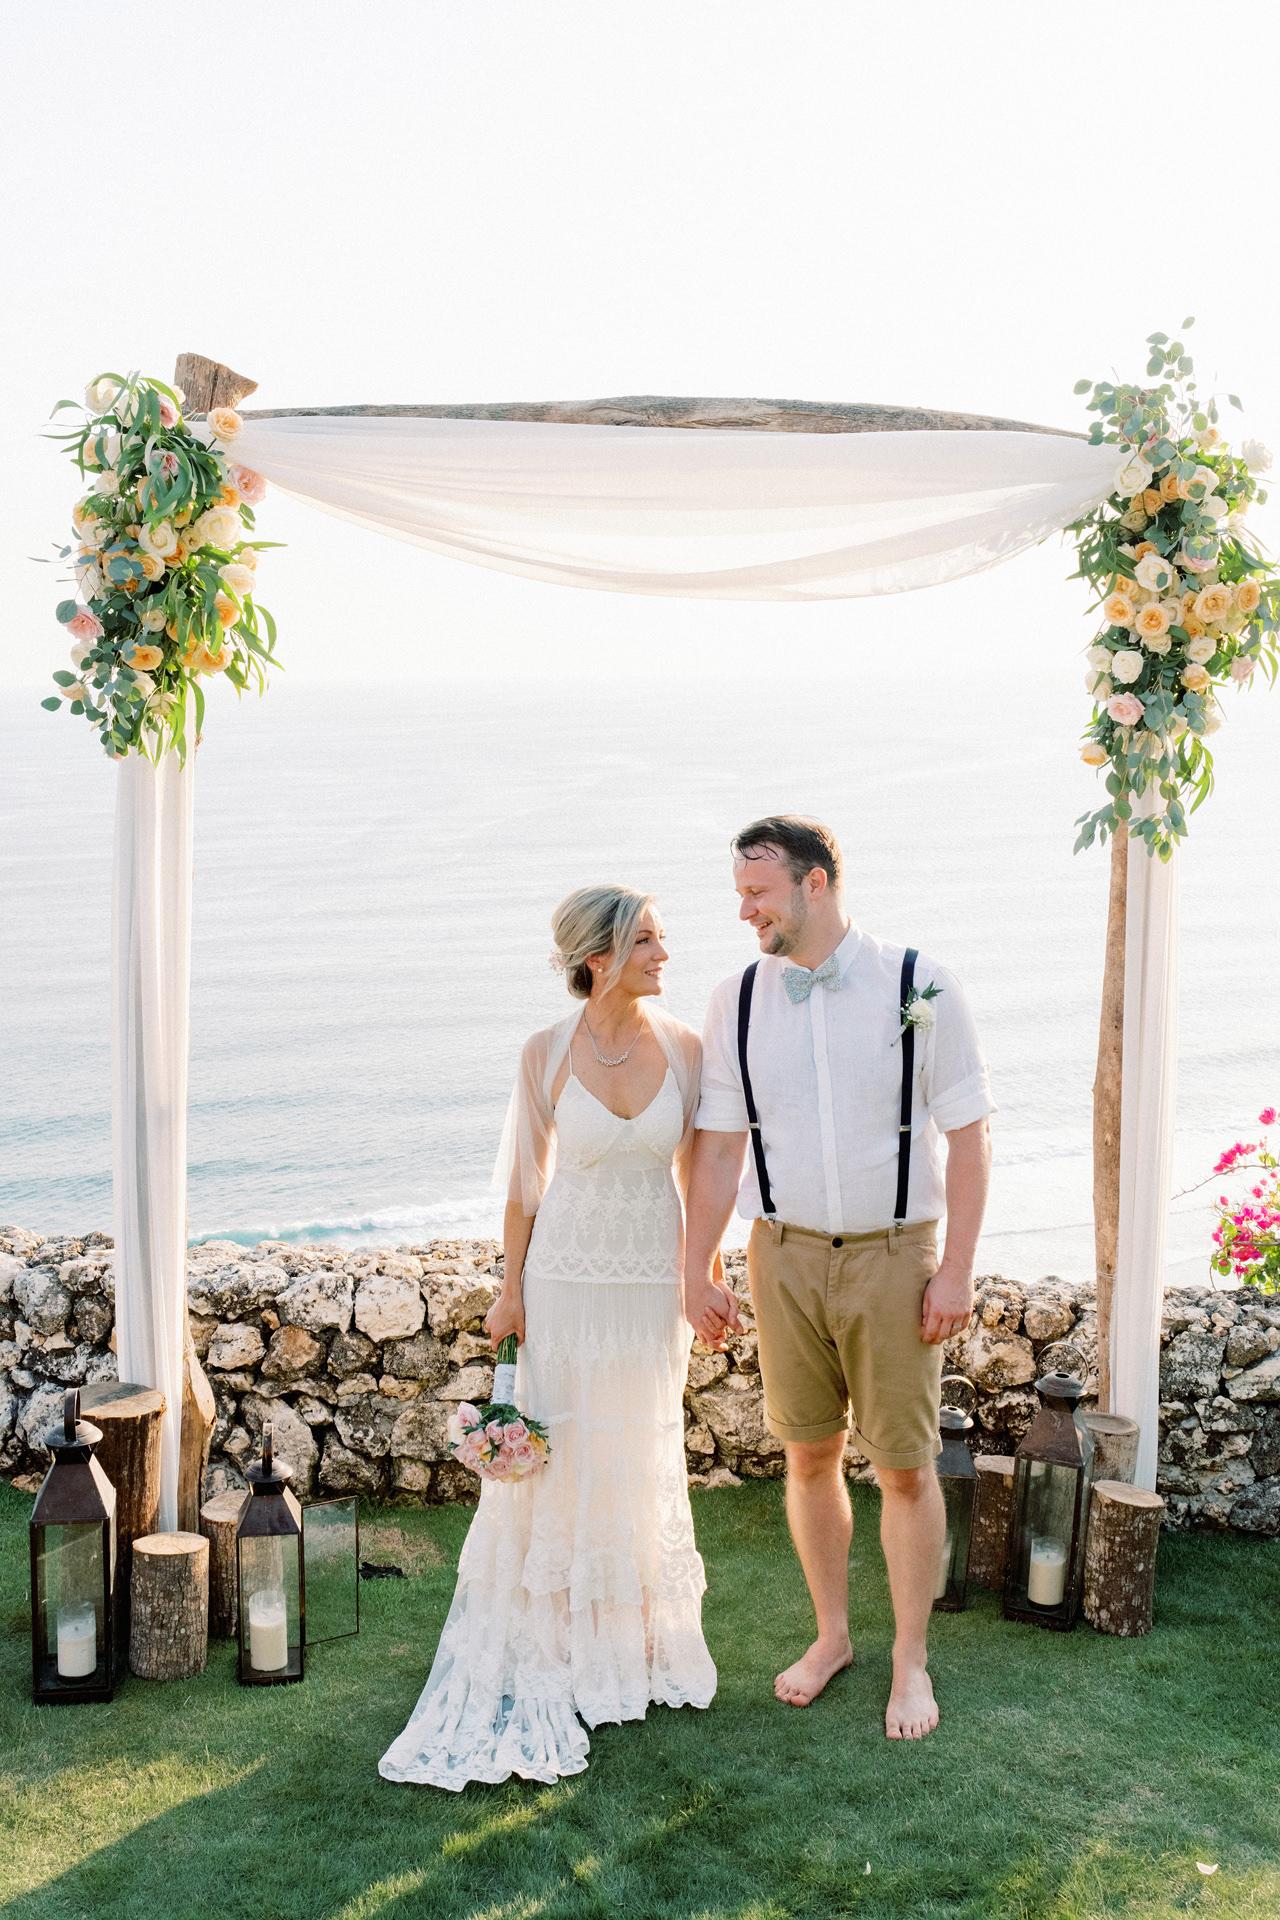 Sol y Mar - Bali Cliff-top Wedding 33